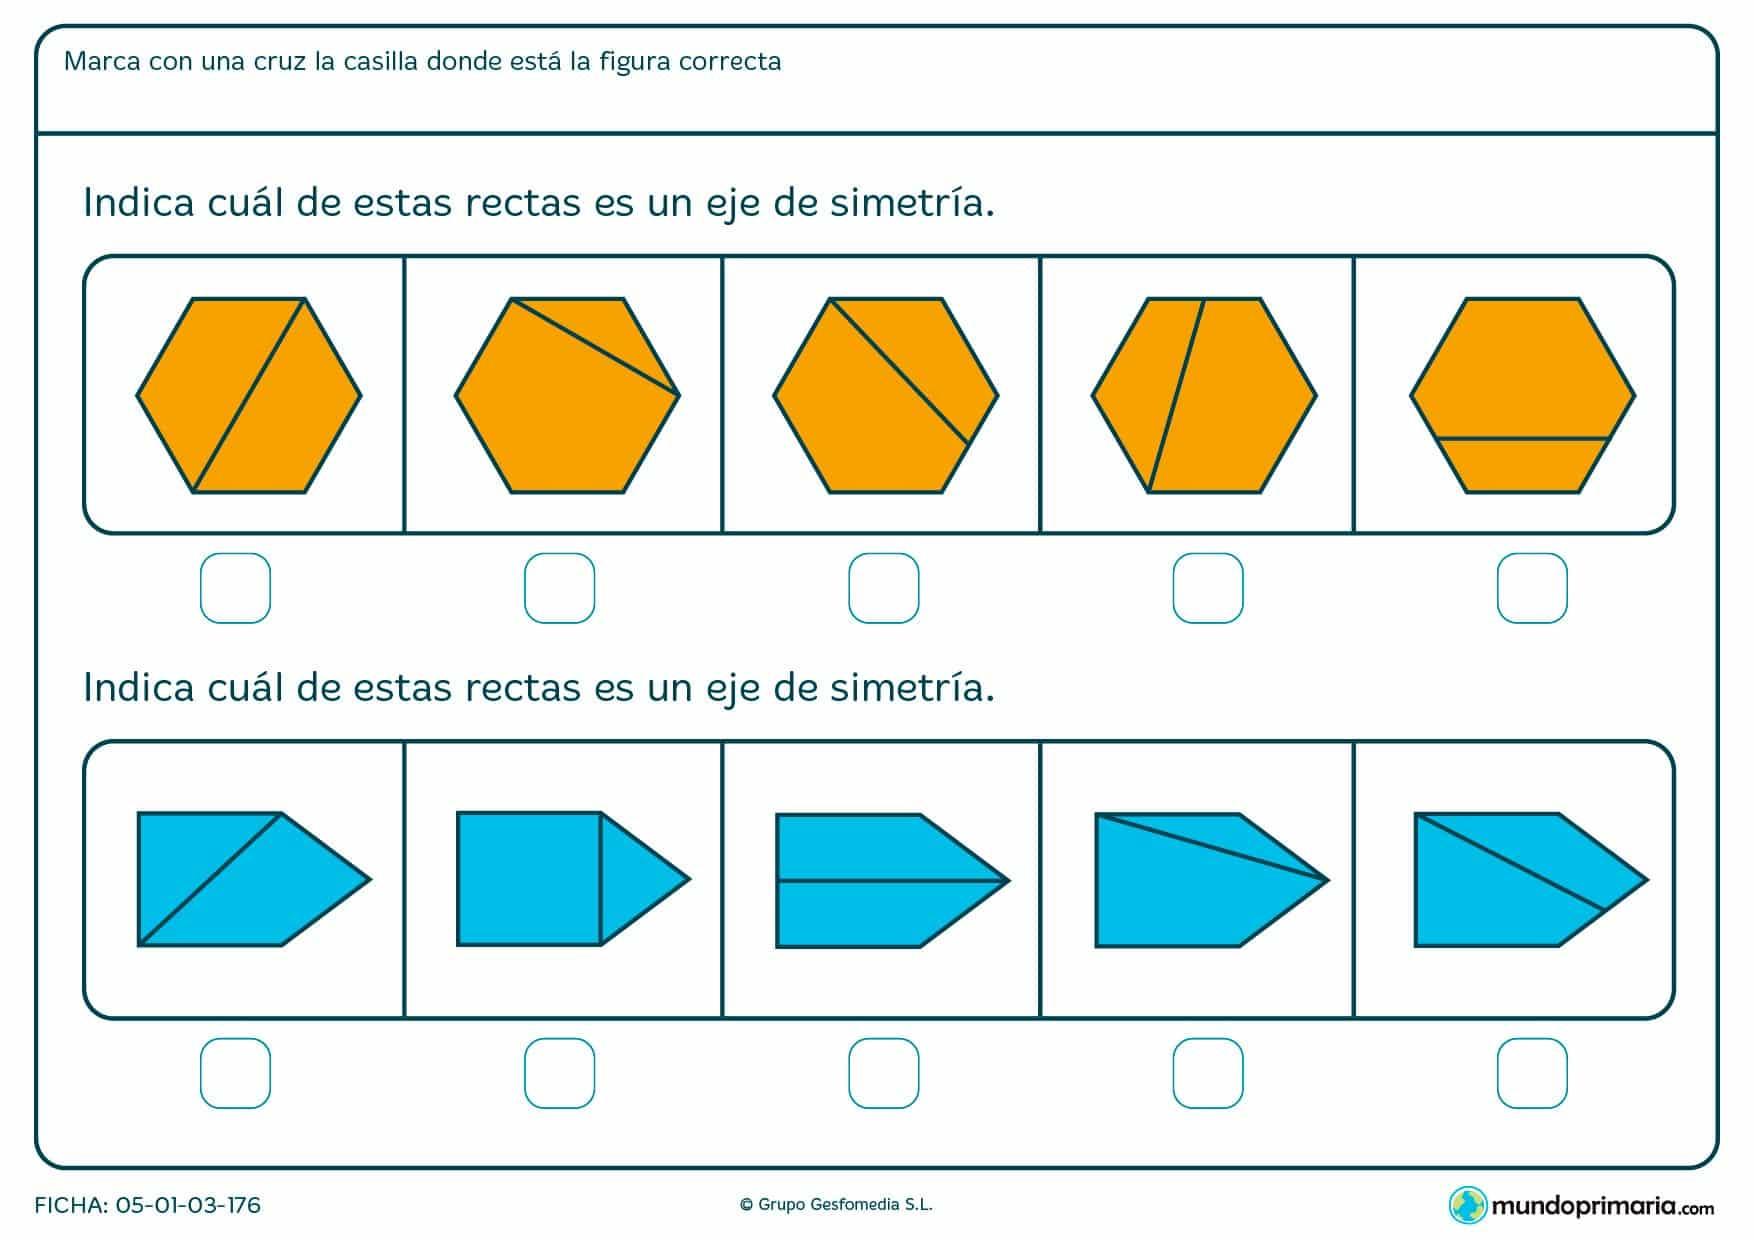 Ficha de eje de simetría en en figuras geométricas. Identifica y señala las que lo son.